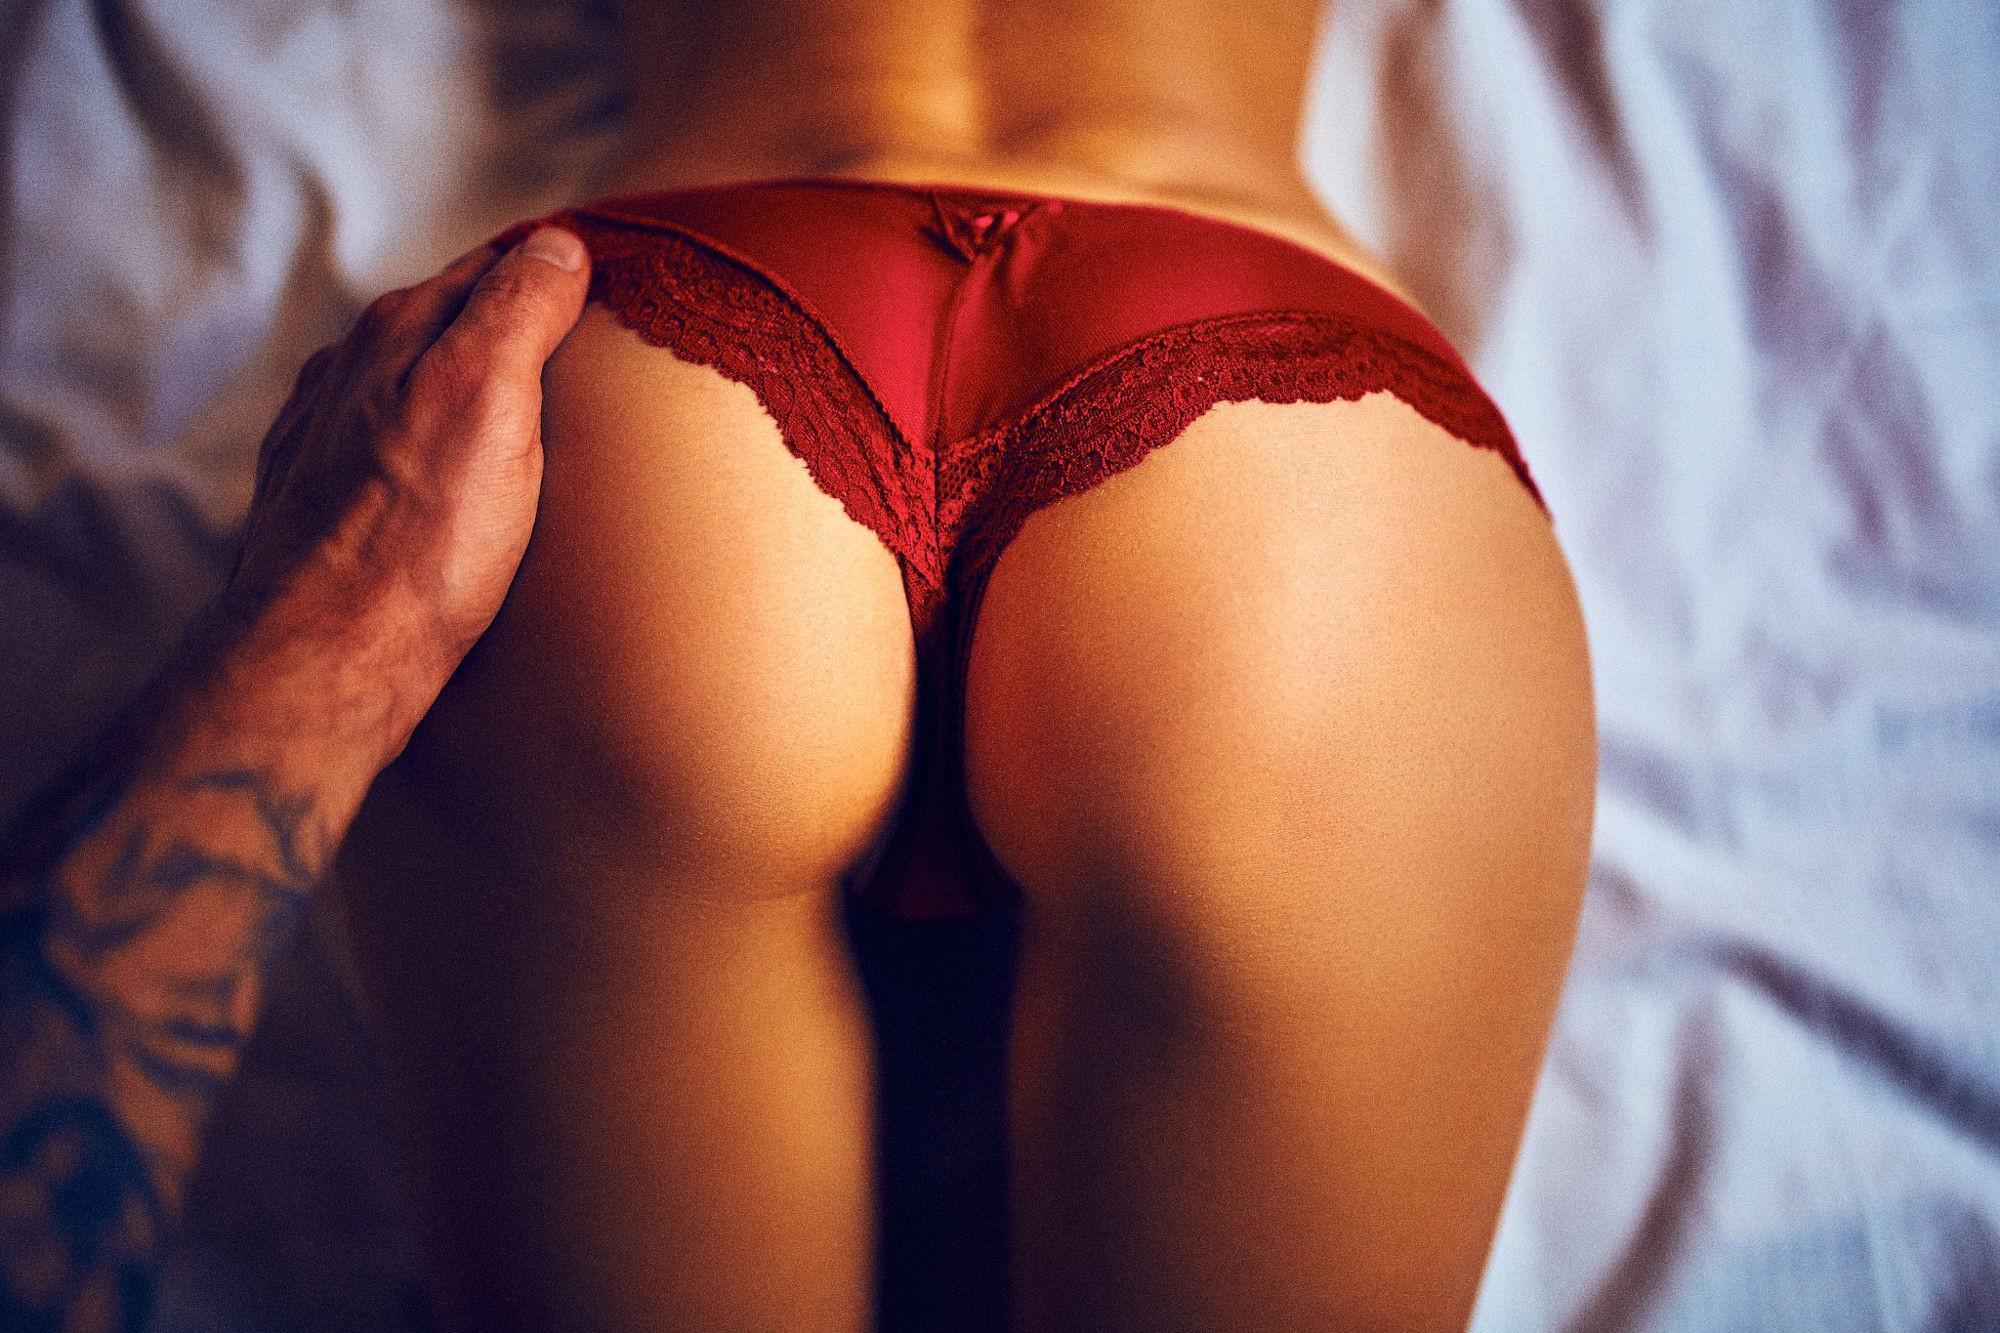 самая сексуальная попа видео государство, отличие большинства